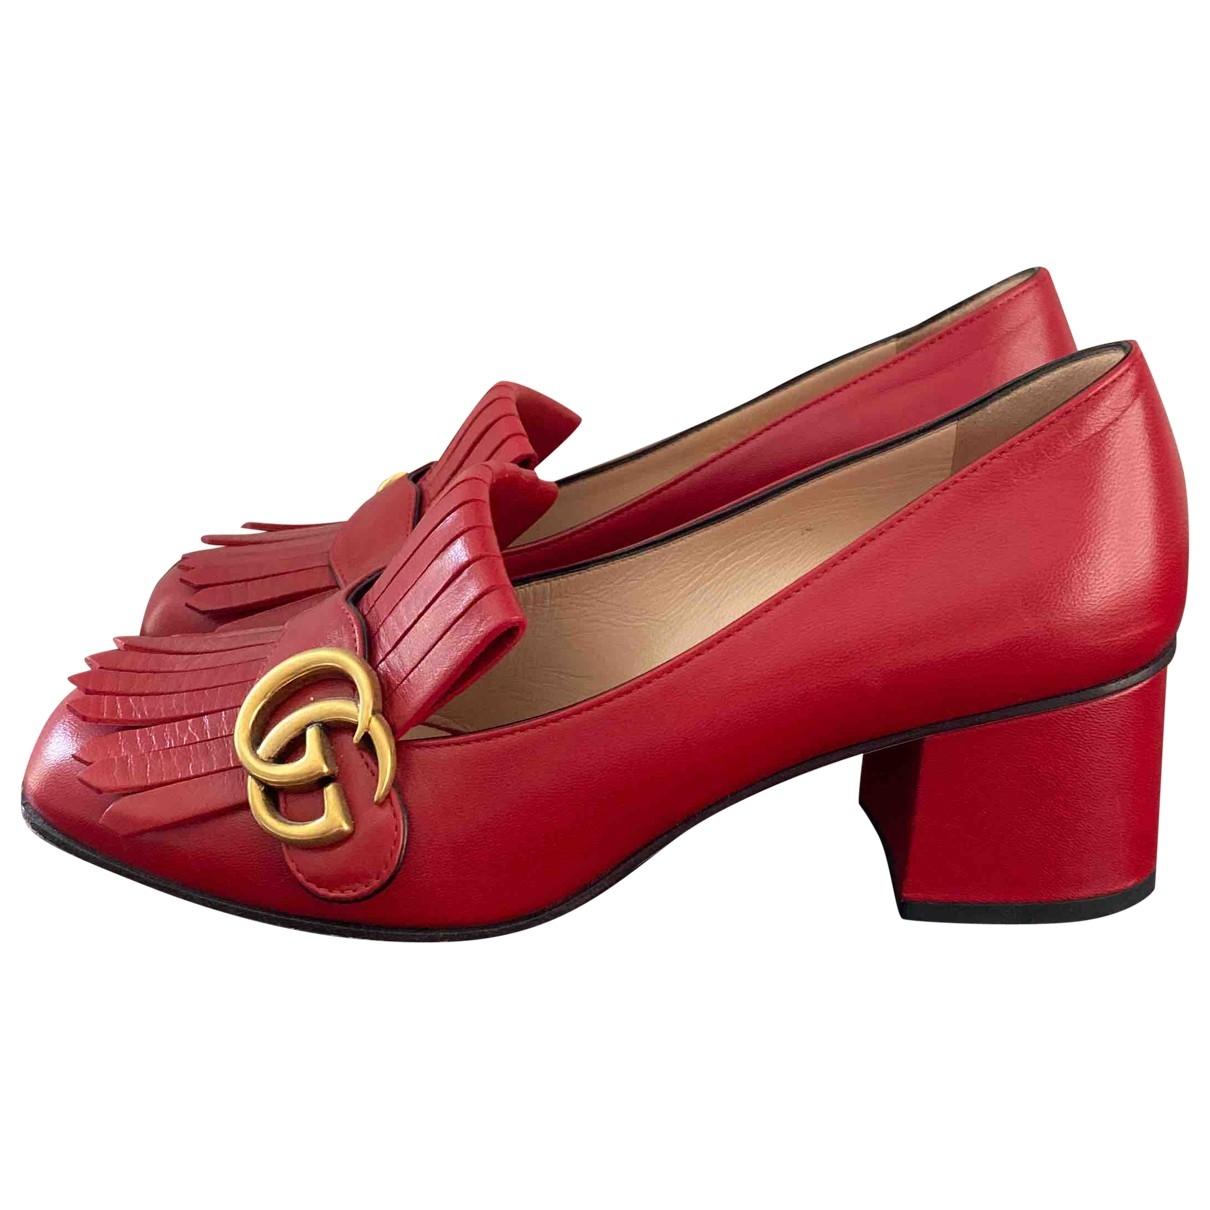 Gucci - Escarpins Marmont pour femme en cuir - rouge